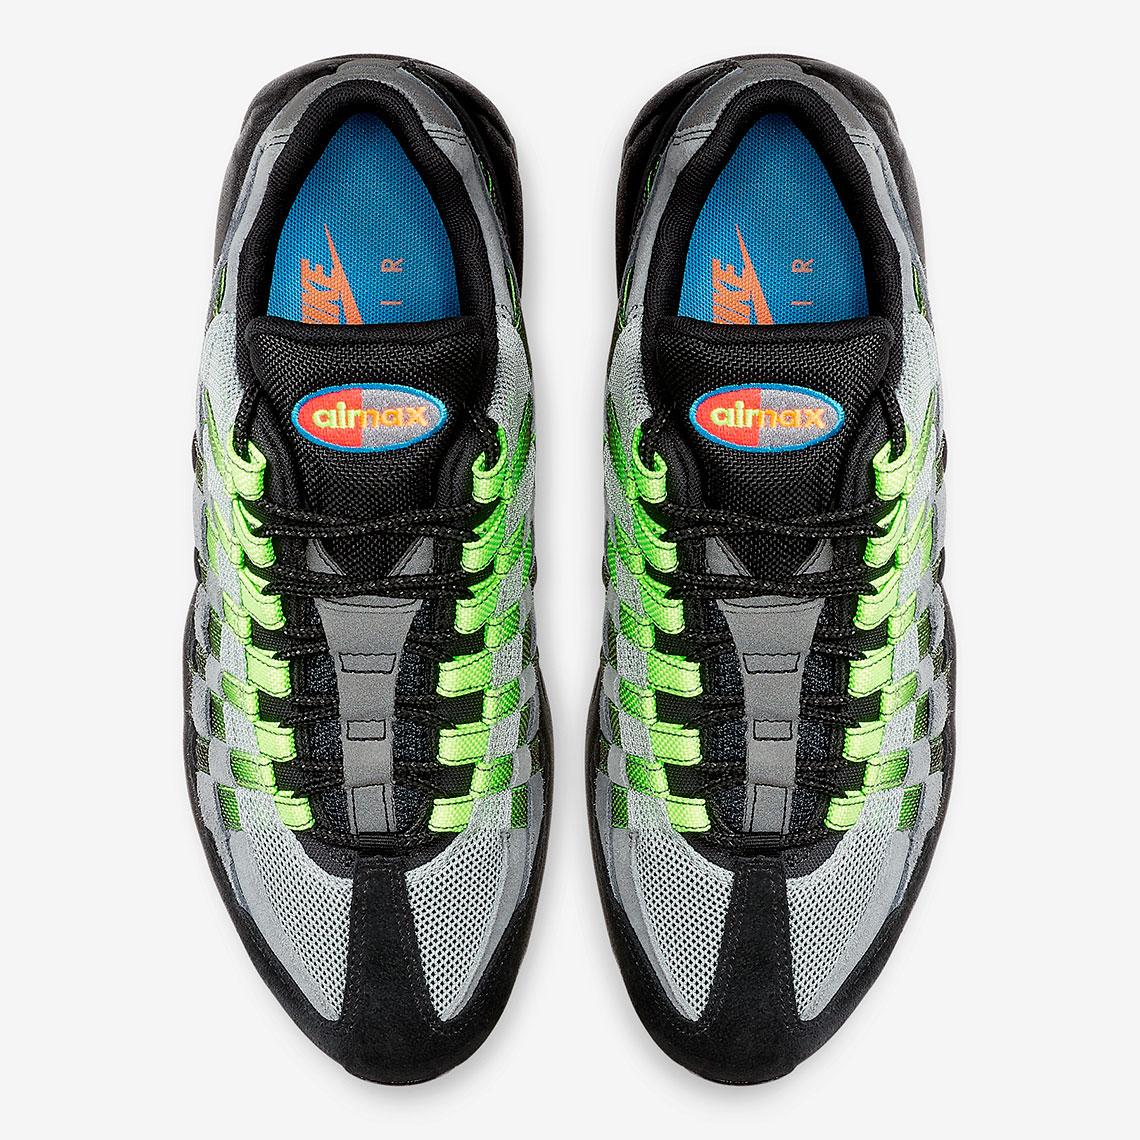 Nike Air Max 95 Woven AQ0764-001